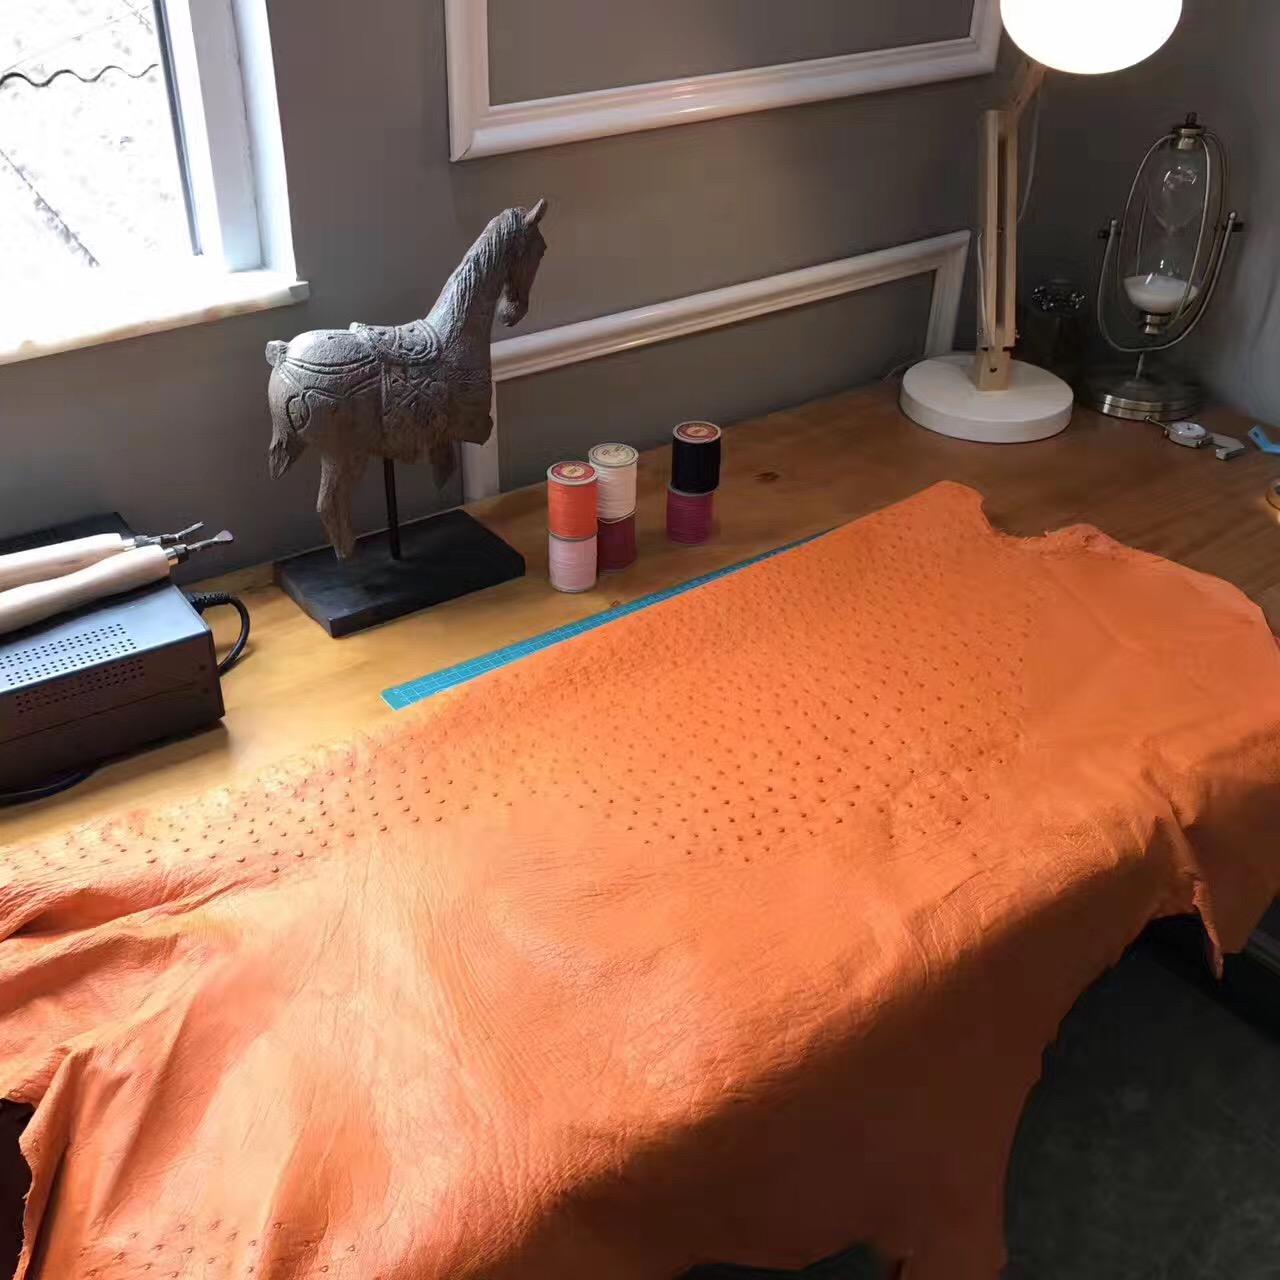 鴕鳥皮屬世界上名貴的優質皮革之壹 愛馬仕 CK93 Orange經典橙 鴕鳥皮